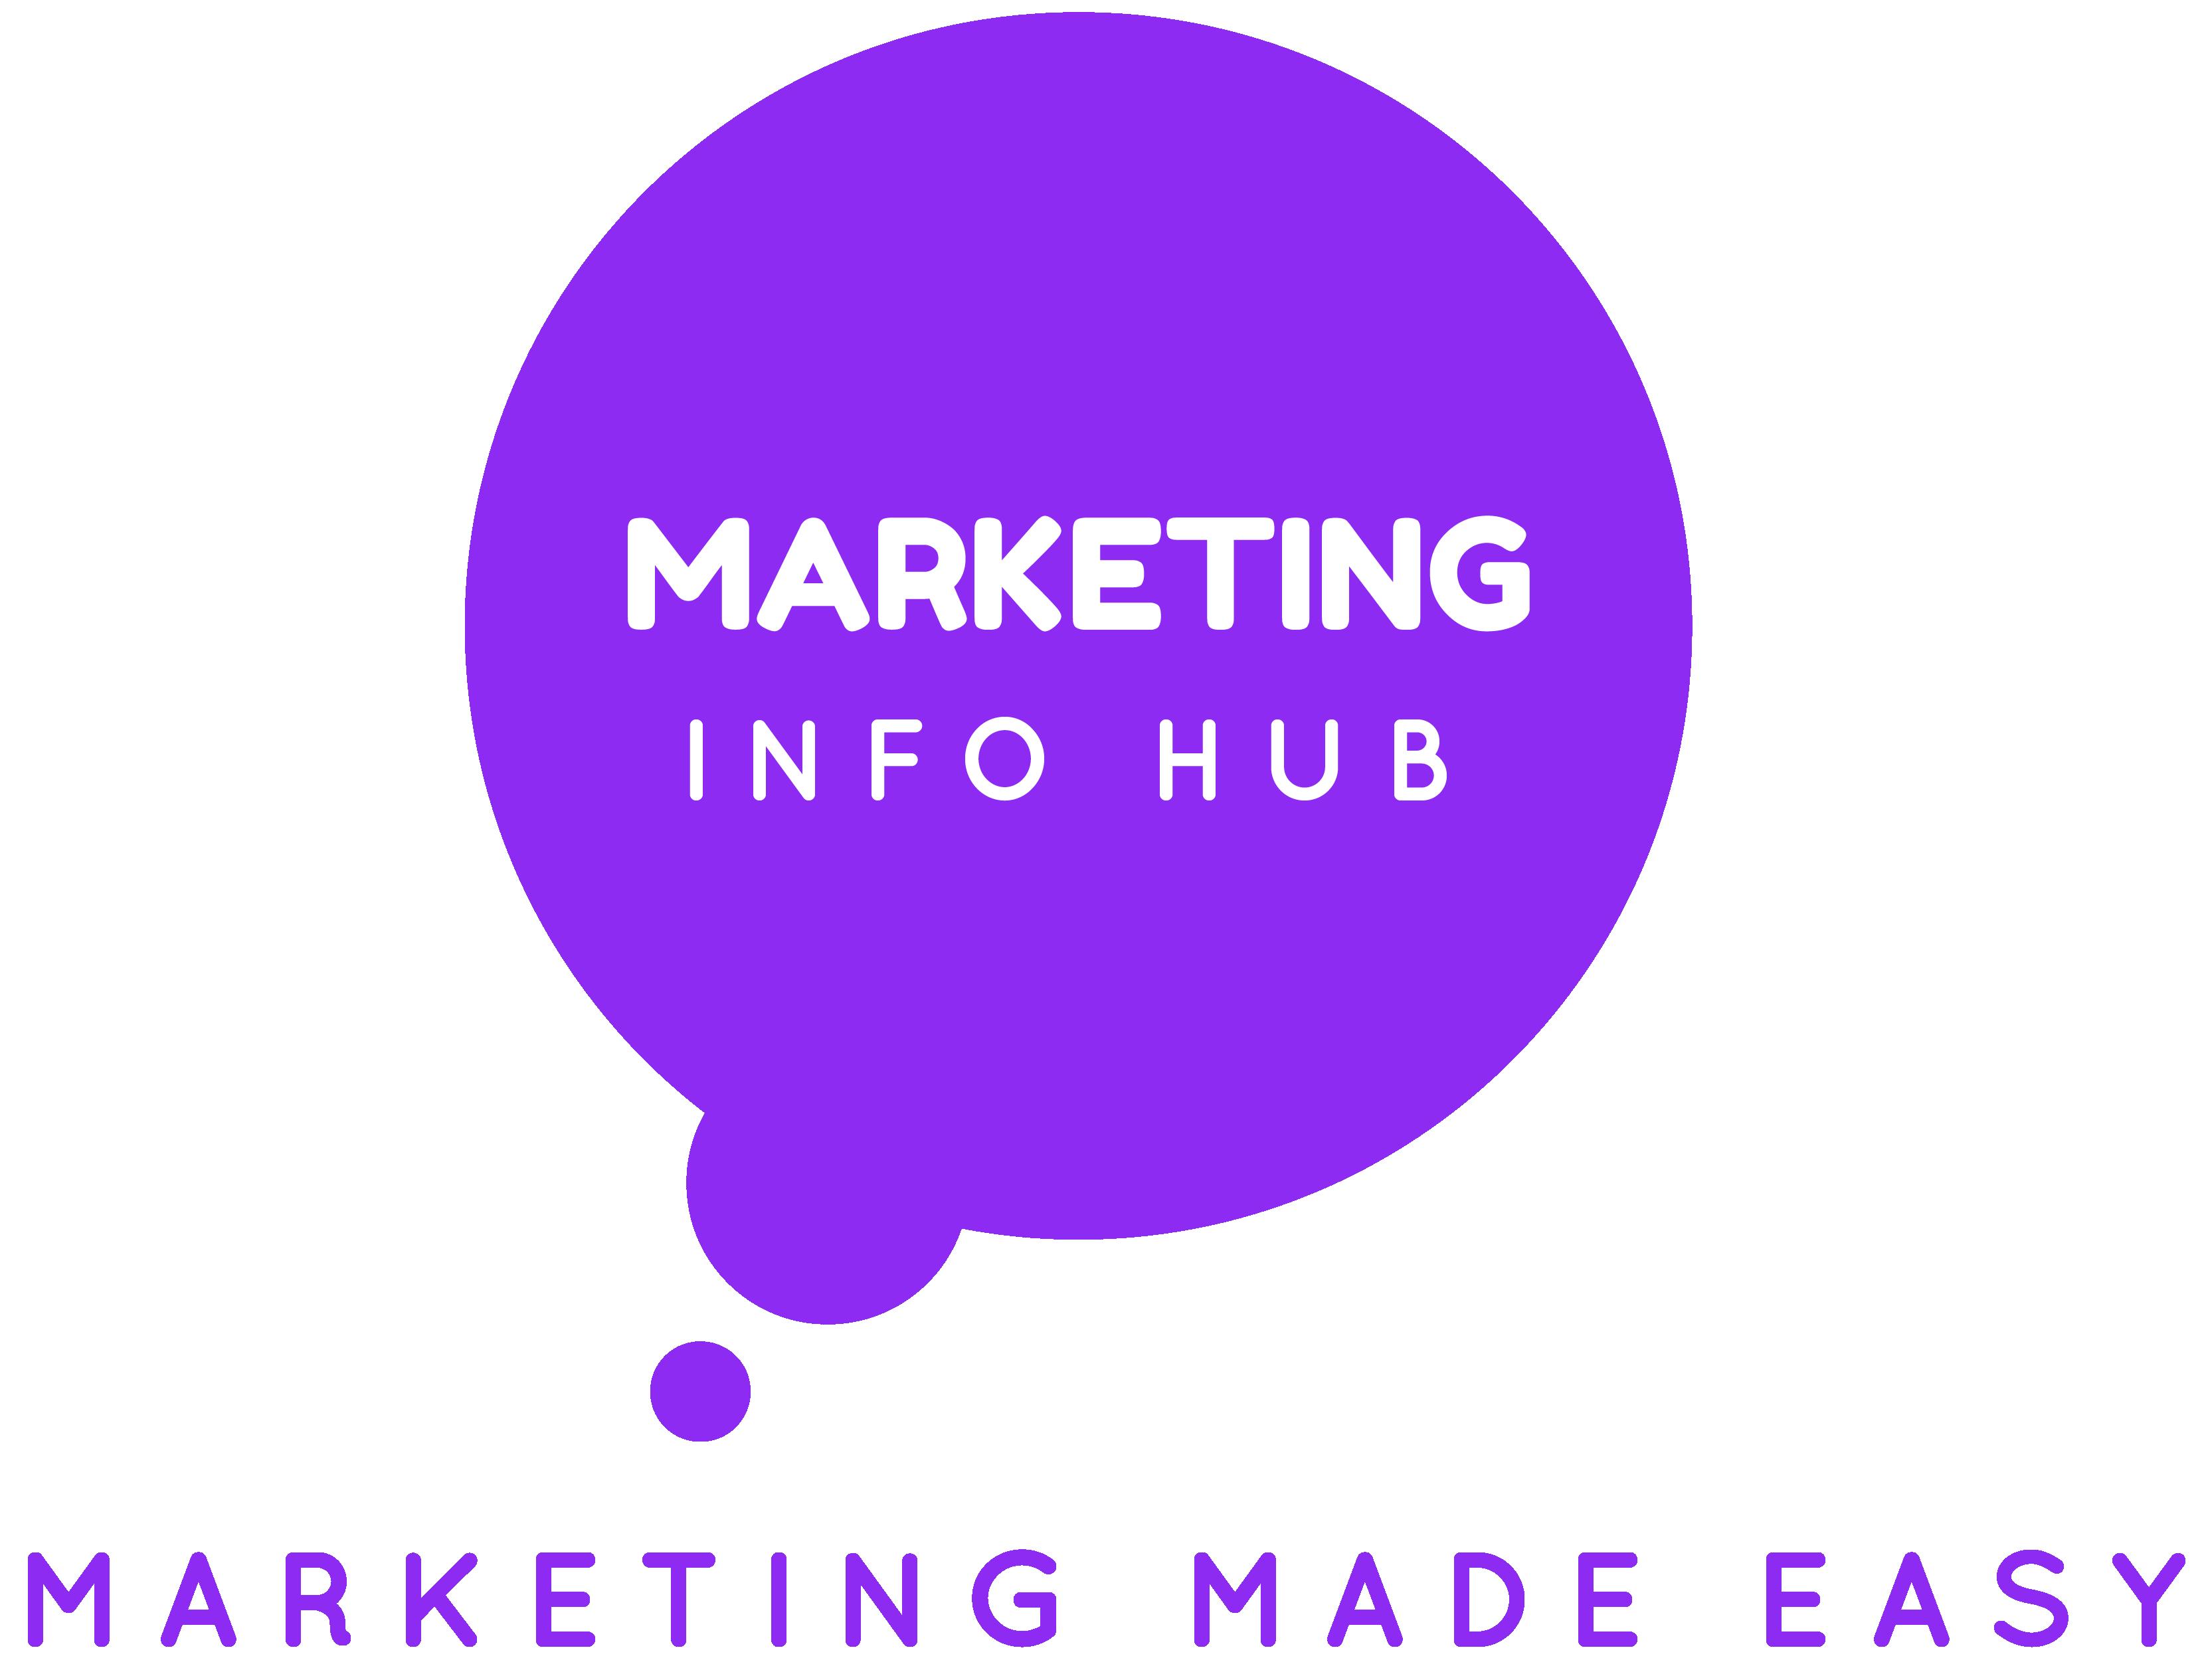 Marketing Info Hub